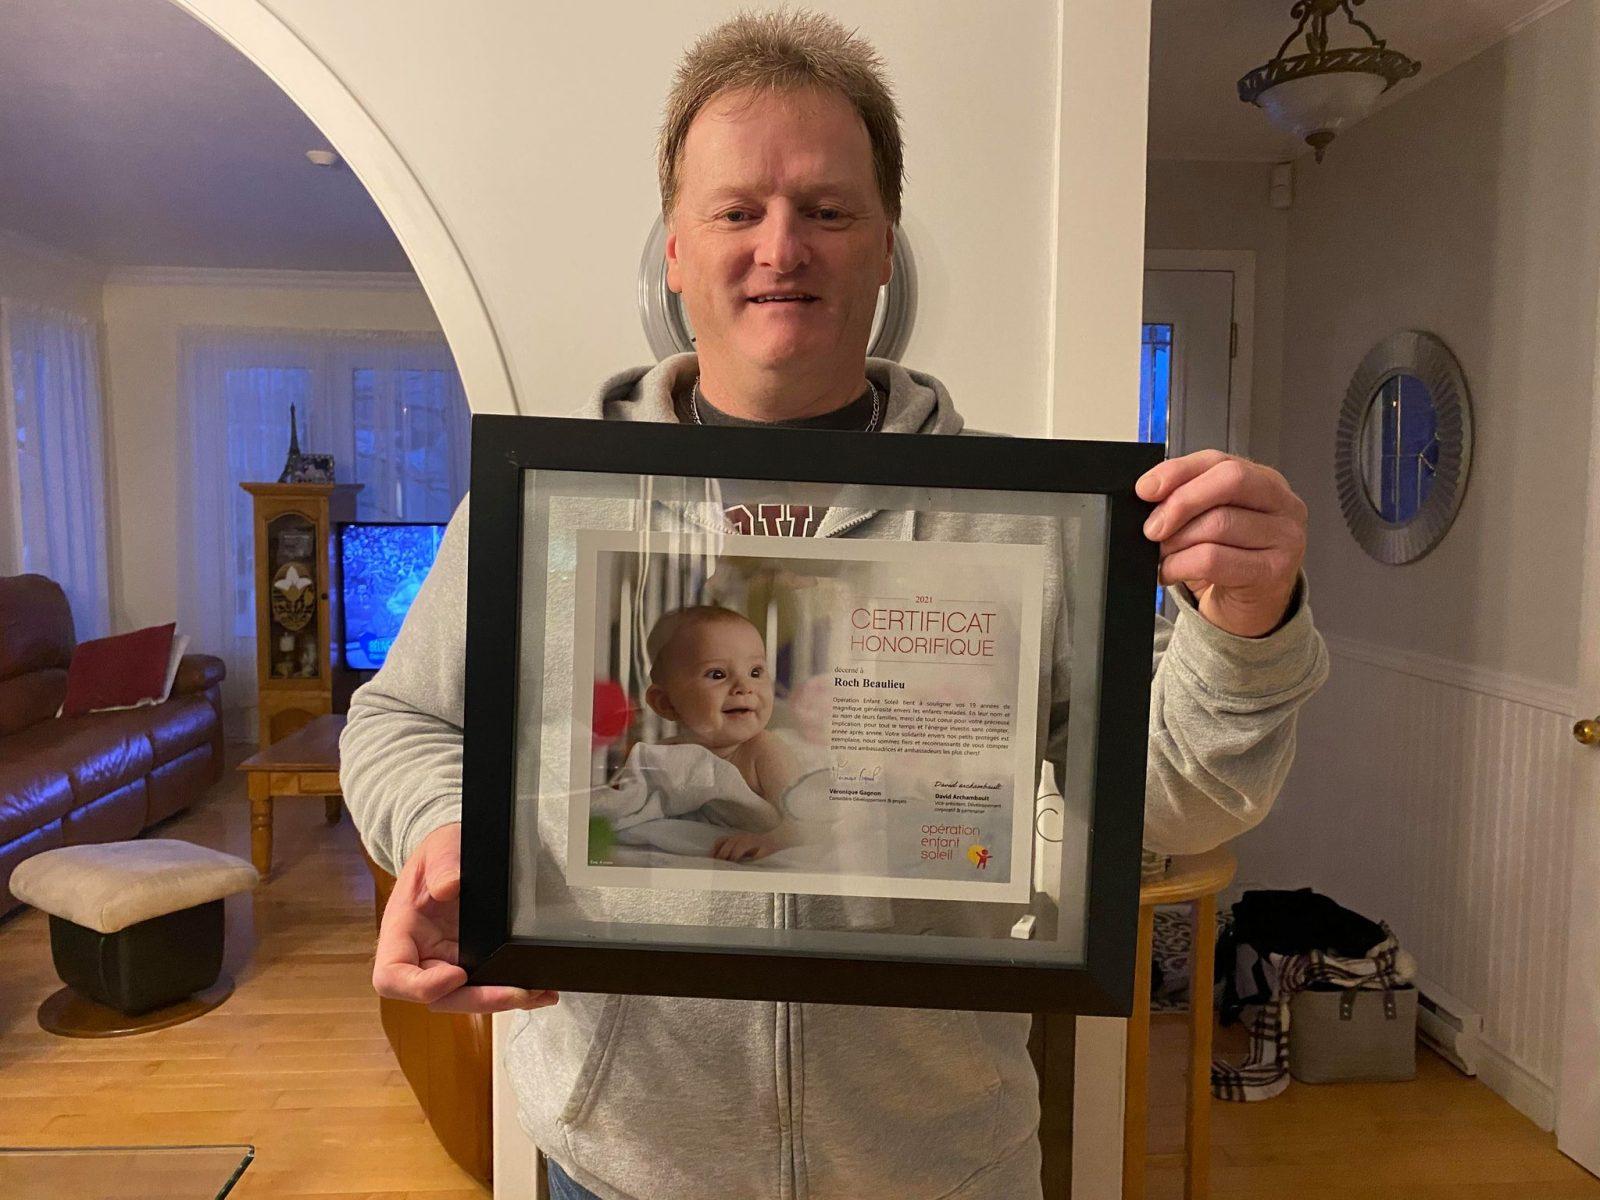 Opération Enfant Soleil : Roch Beaulieu, un homme porté par la cause